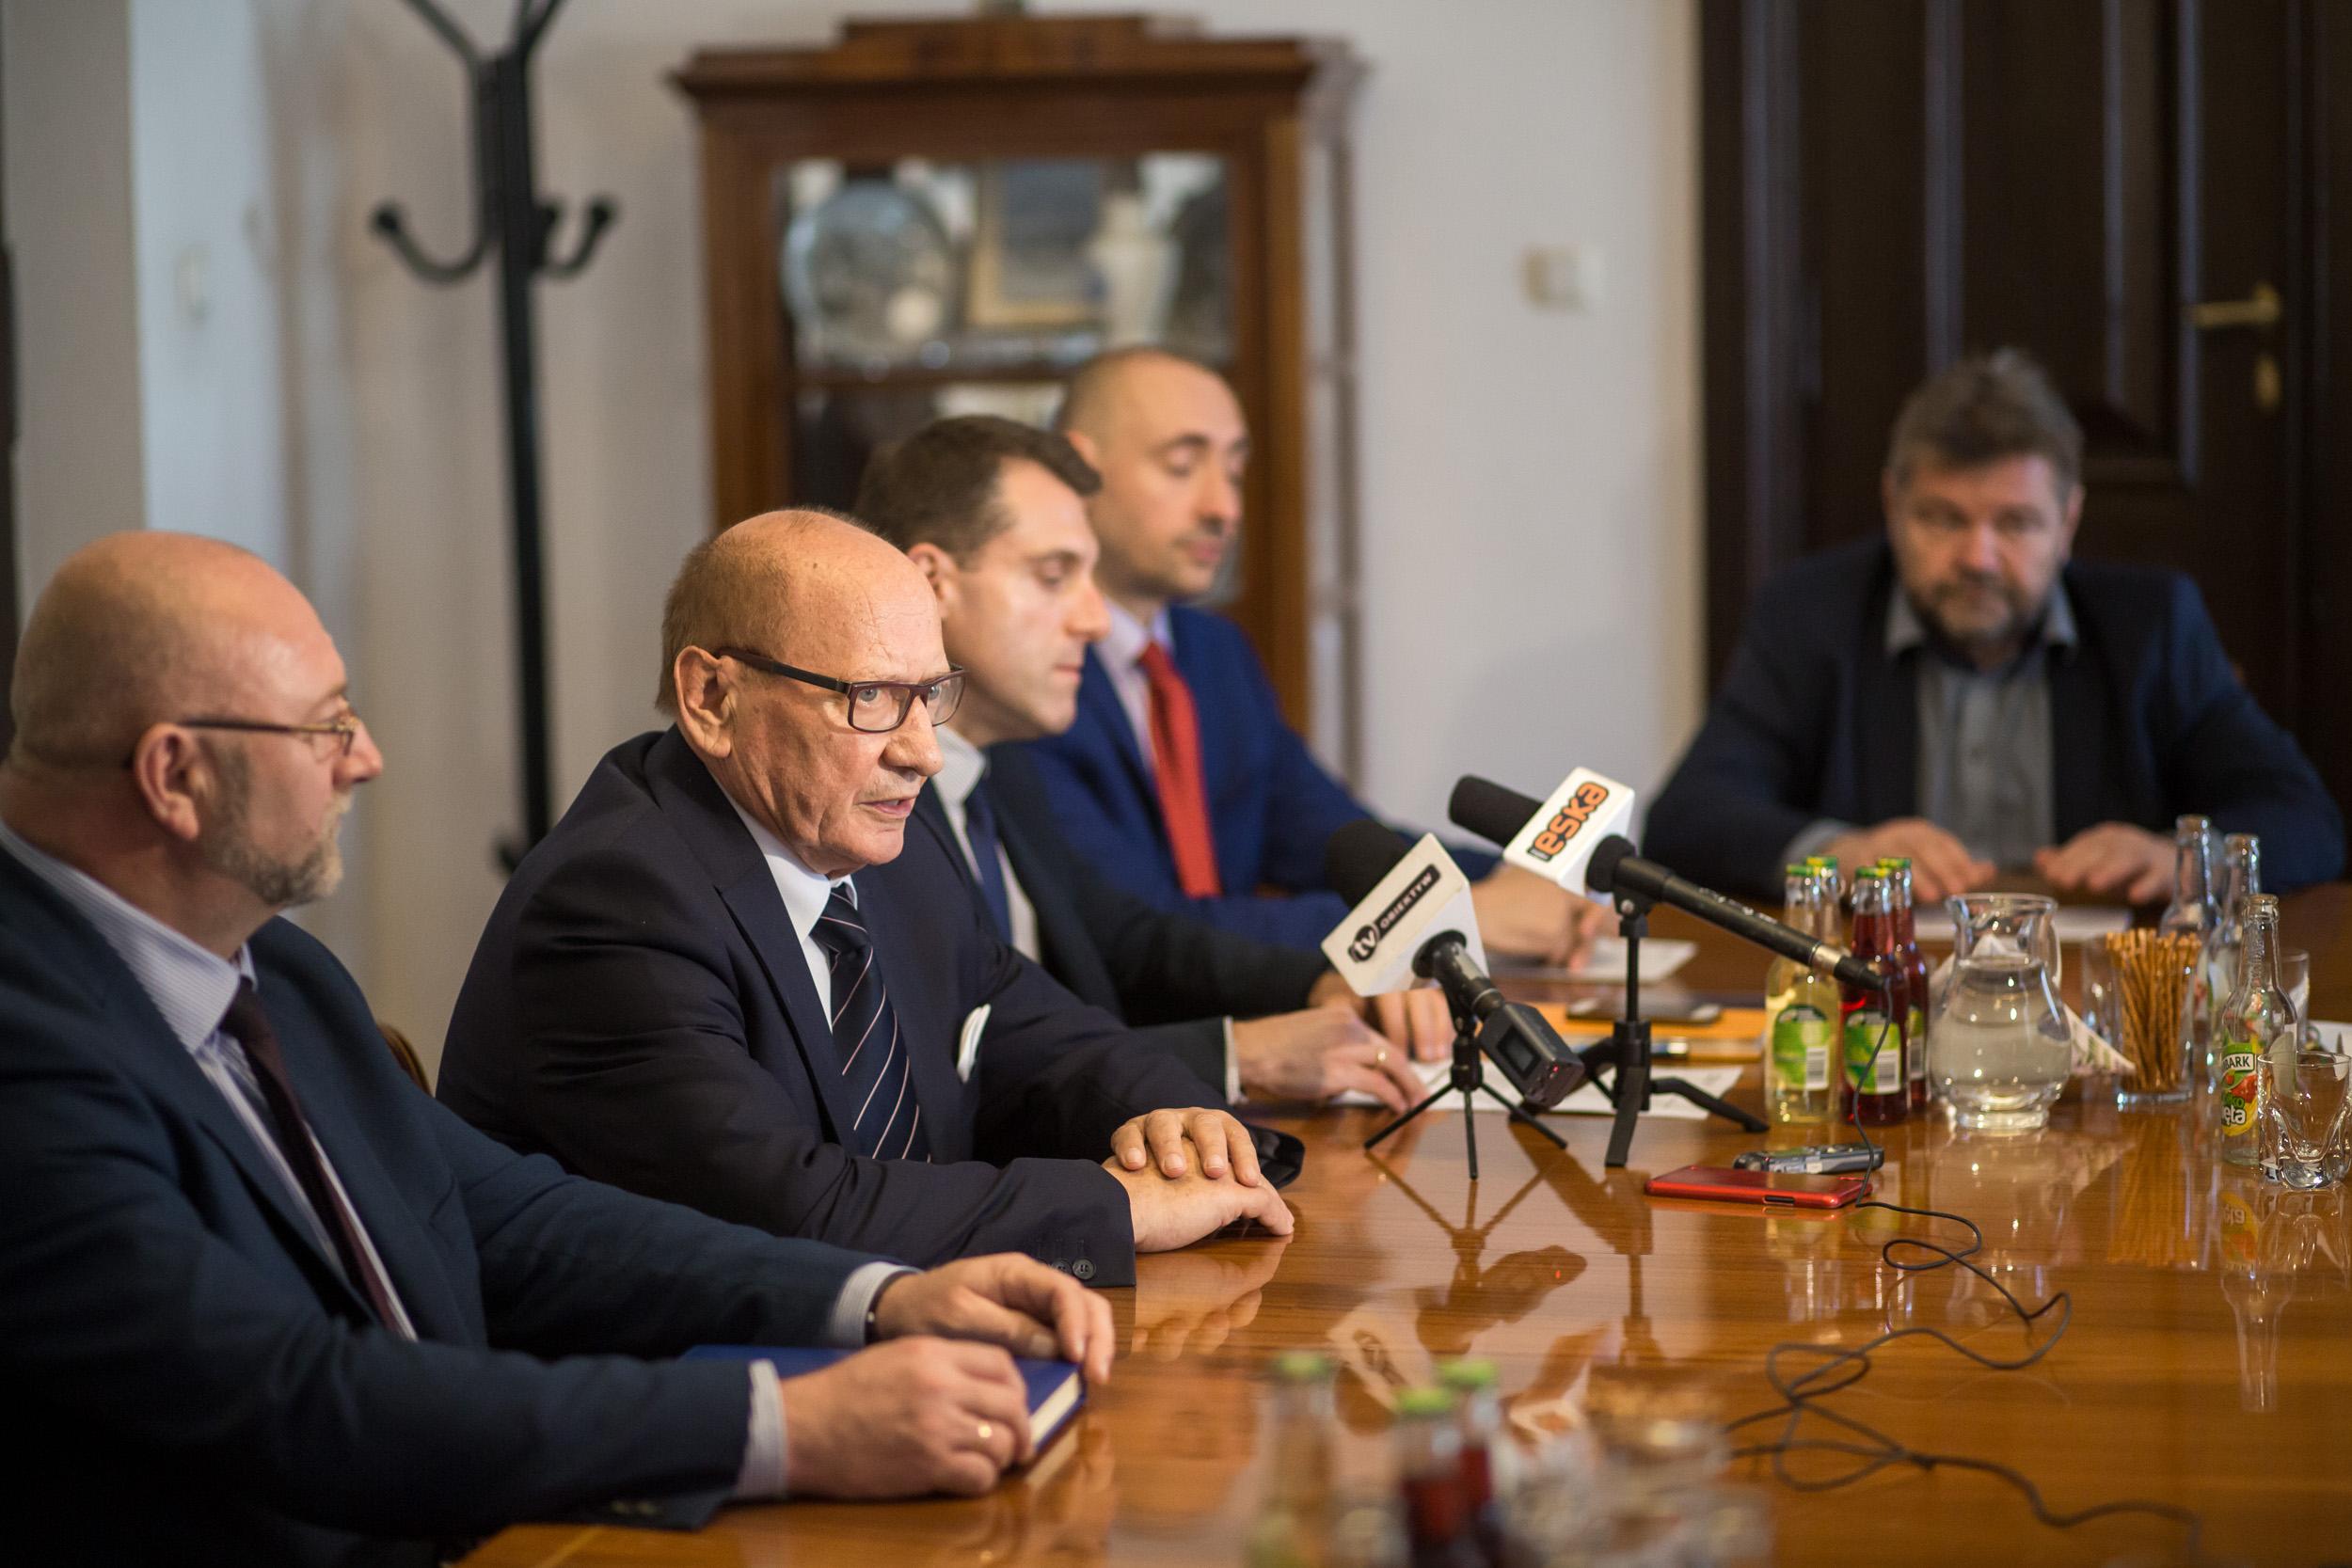 PGE Obrót odpowiada na list Tadeusza Ferenca ws. cen prądu: Stawki są dobre